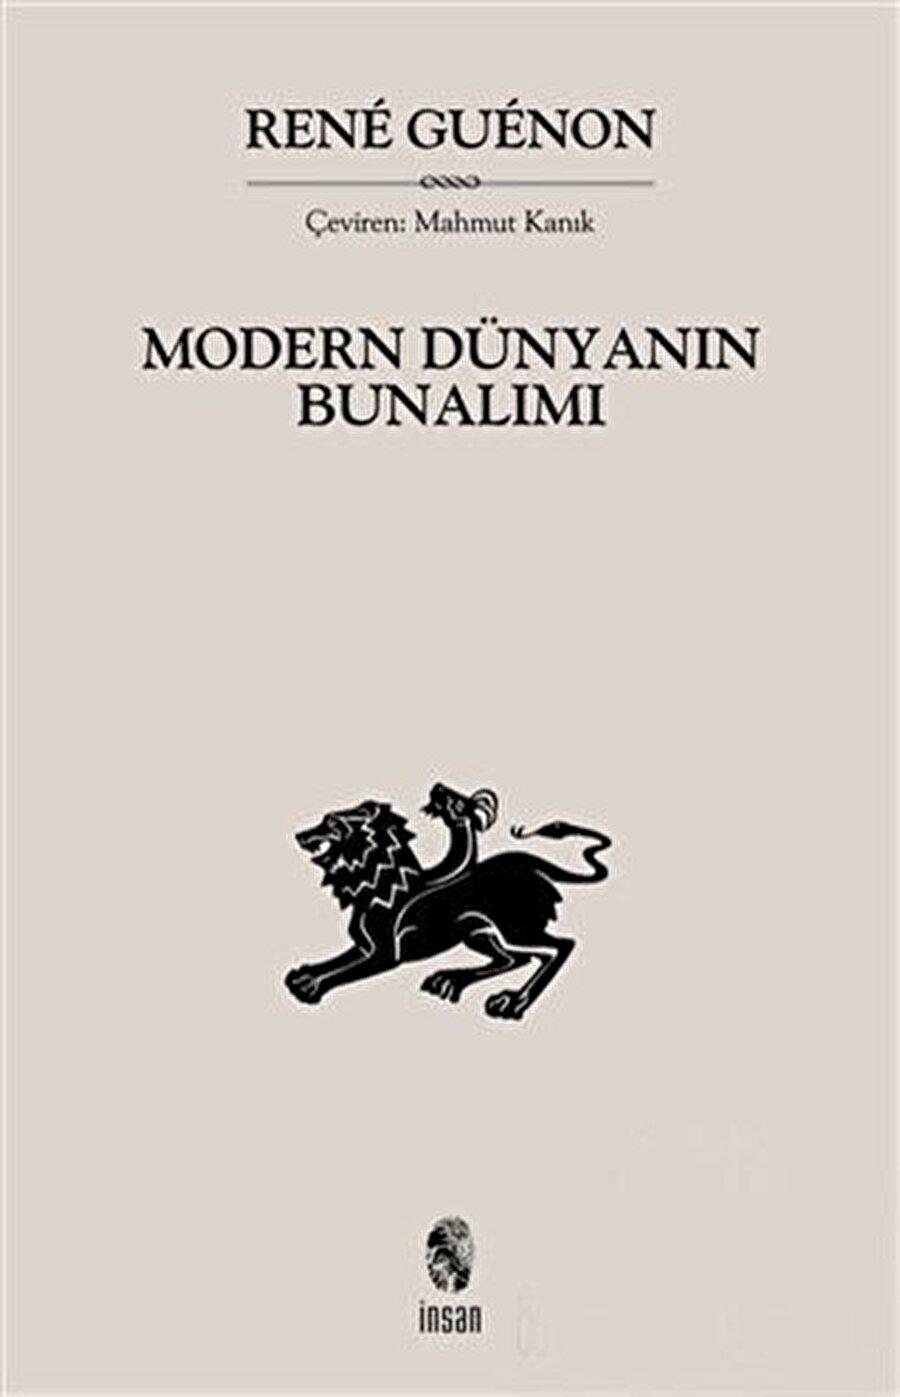 """René Guénon'un """"Modern Dünyanın Bunalımı """" adlı eseri."""